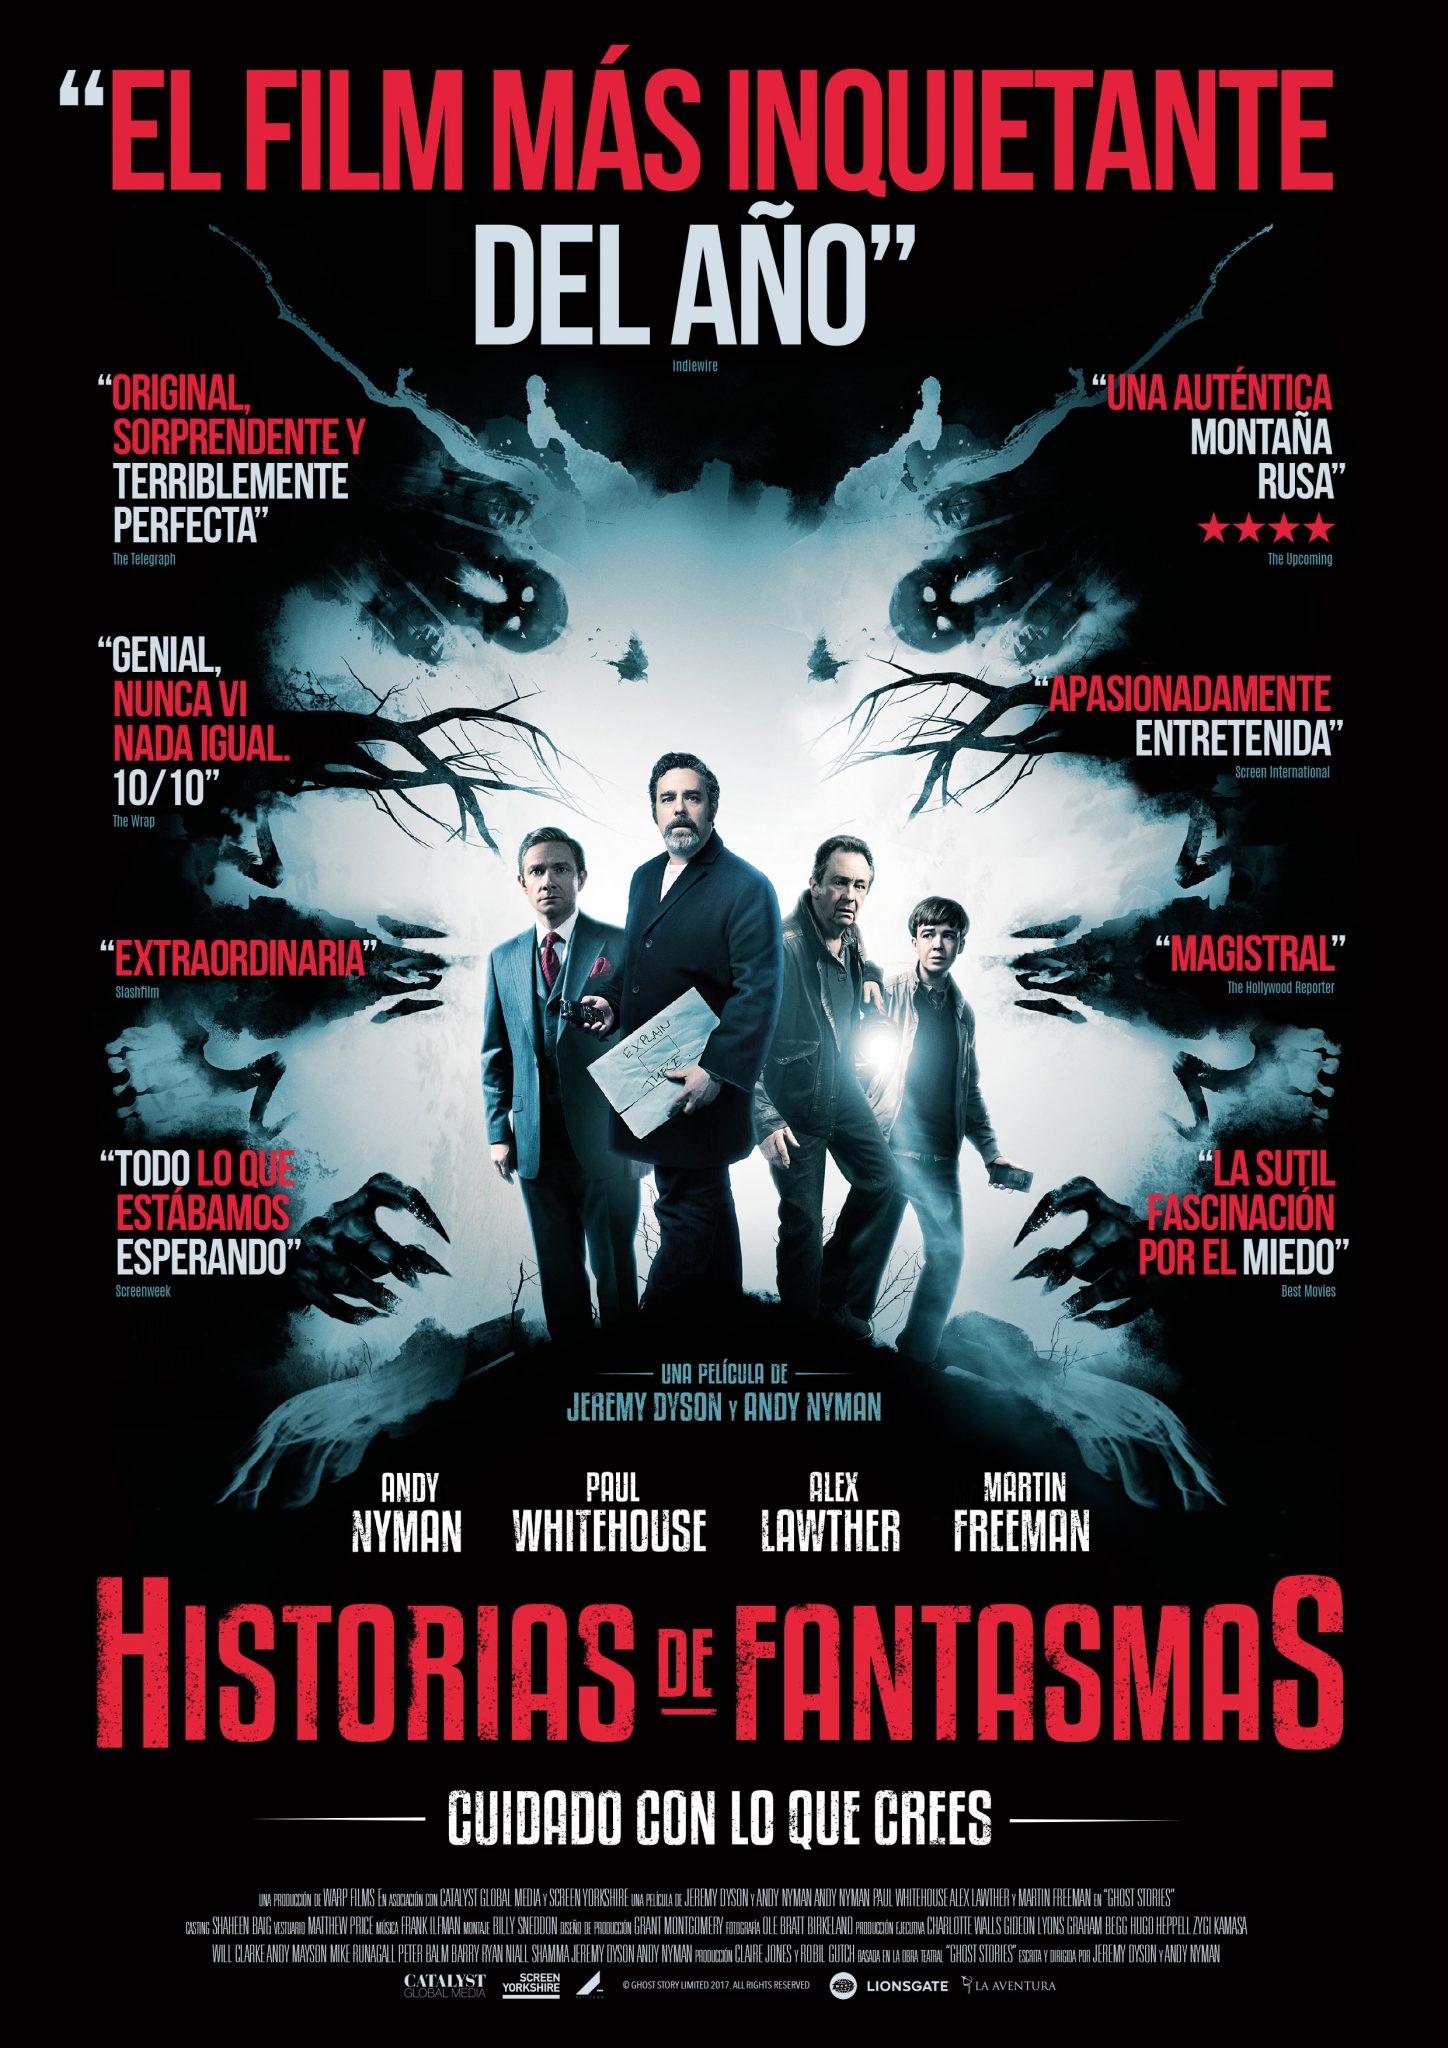 Historias_de_Fantasmas_POSTER.jpg